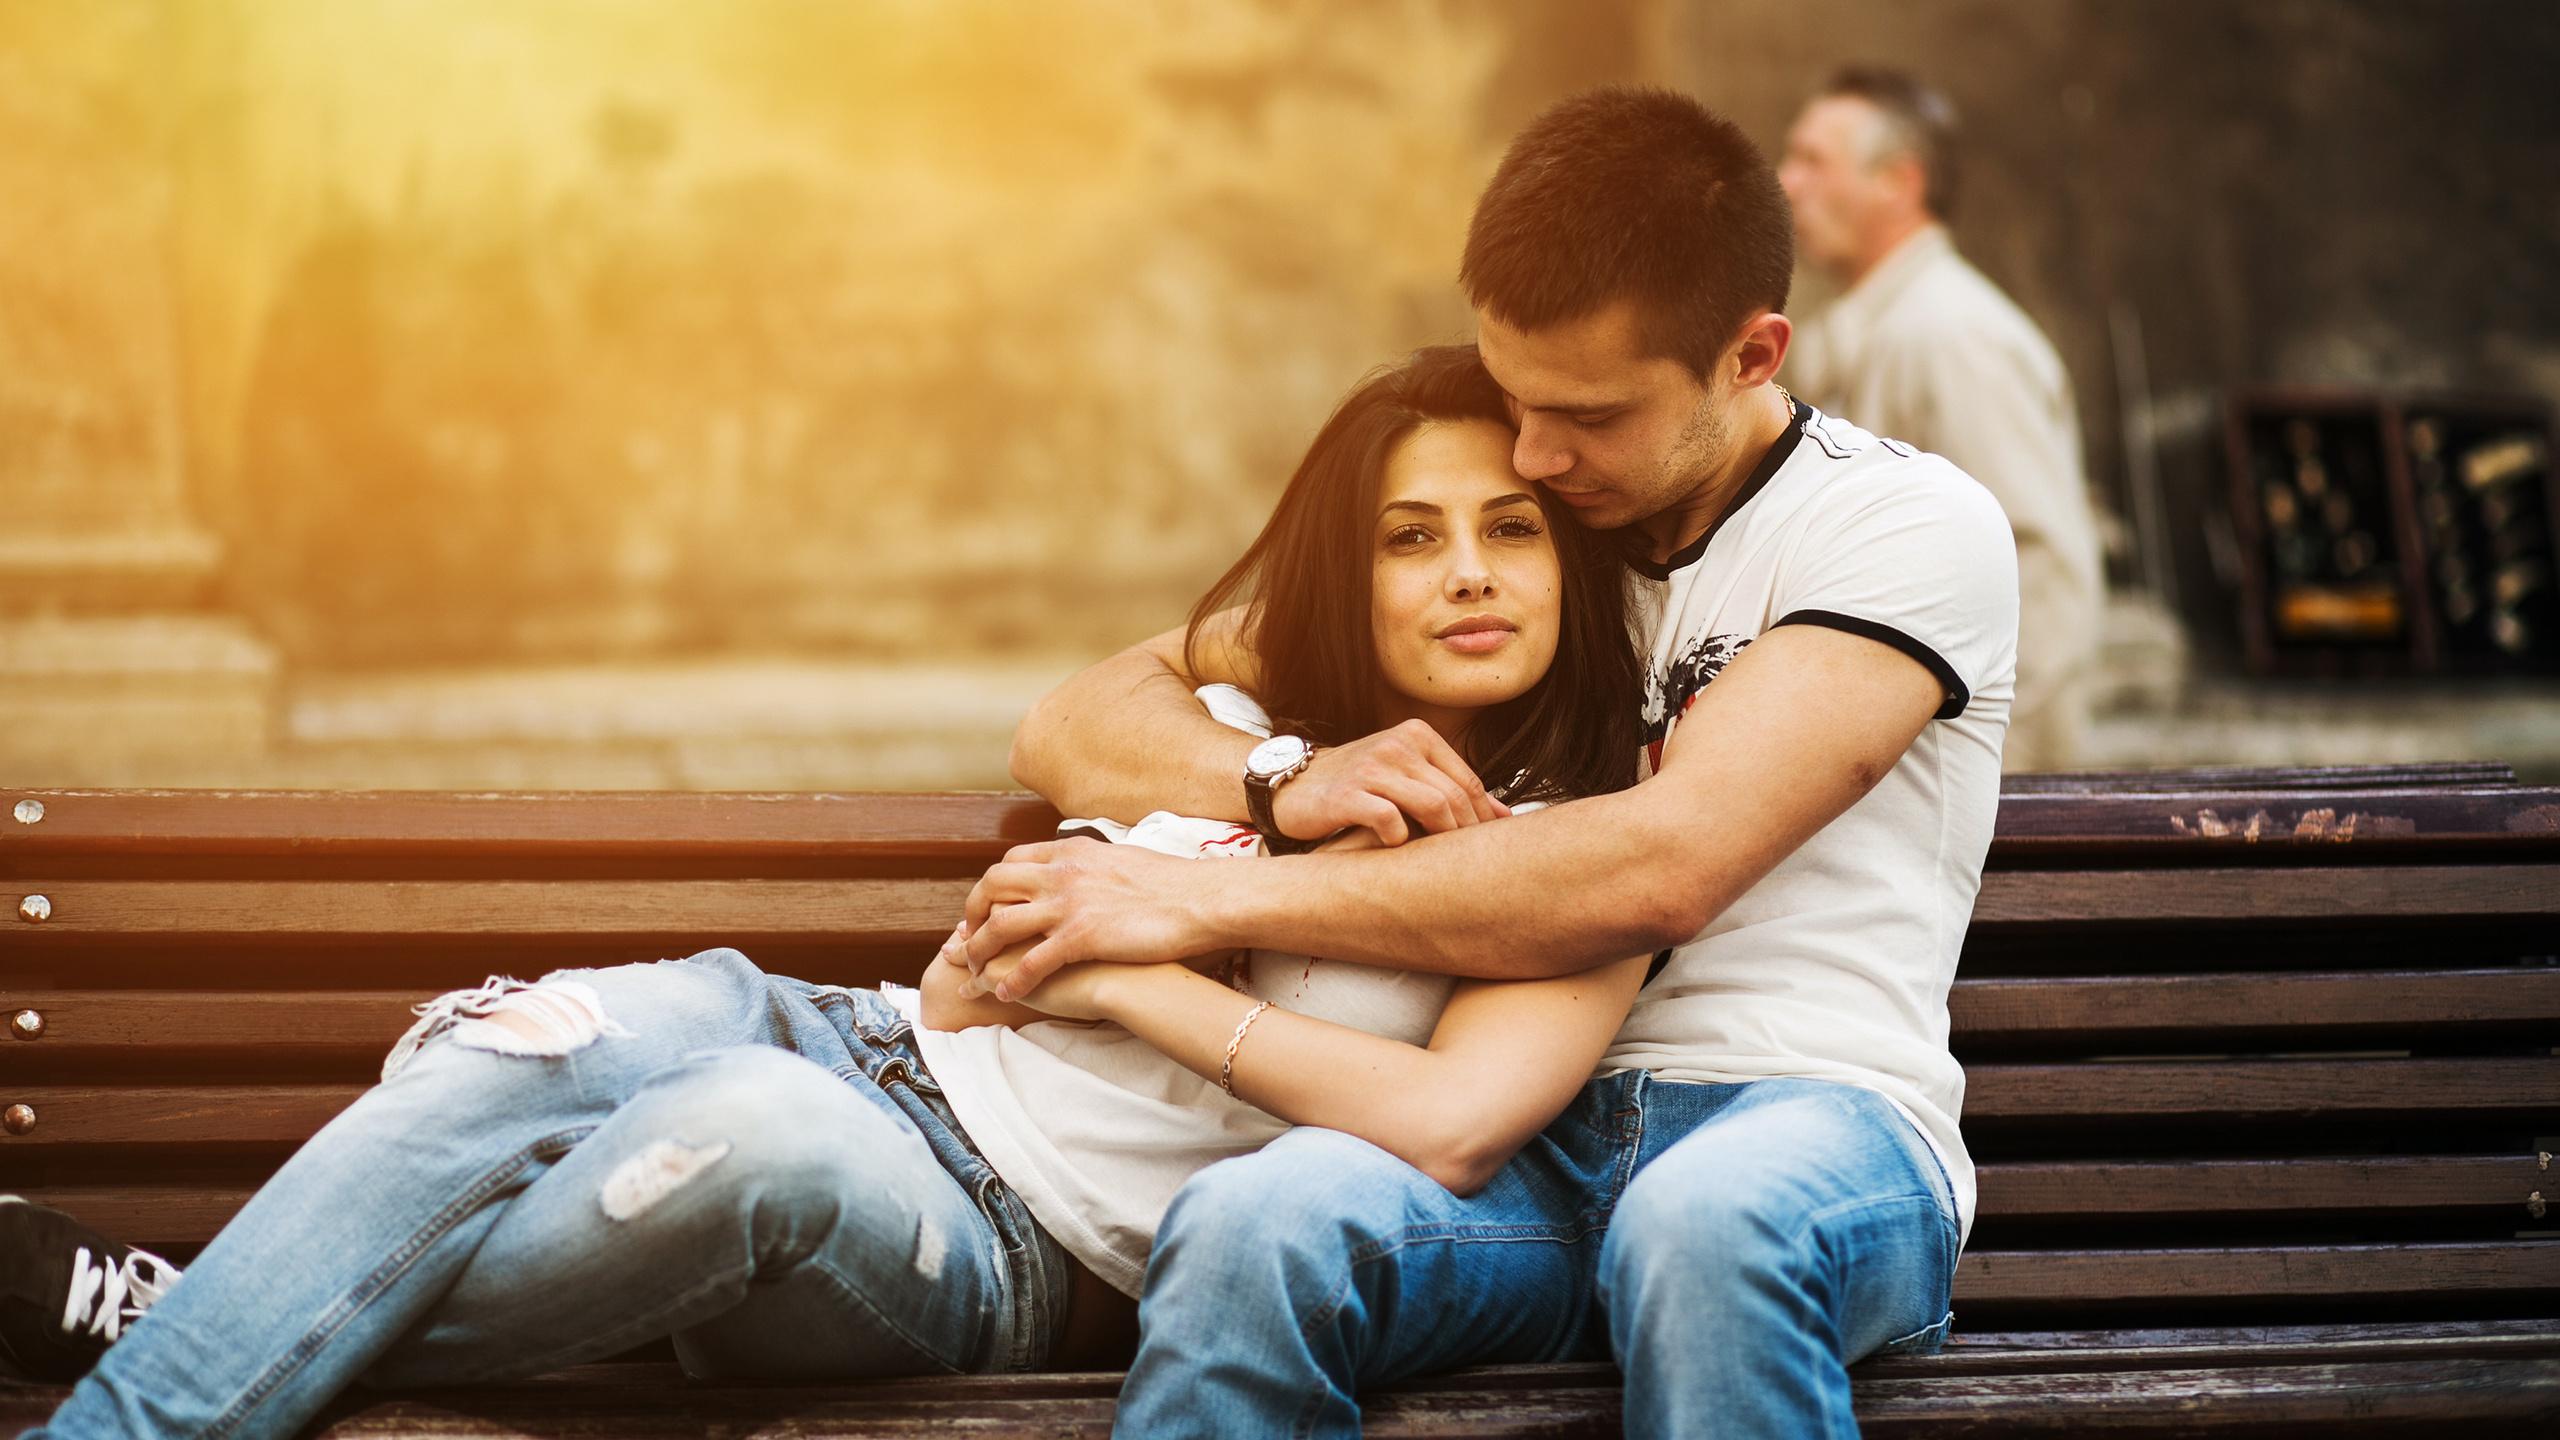 Красивые картинки для девушки с парнем